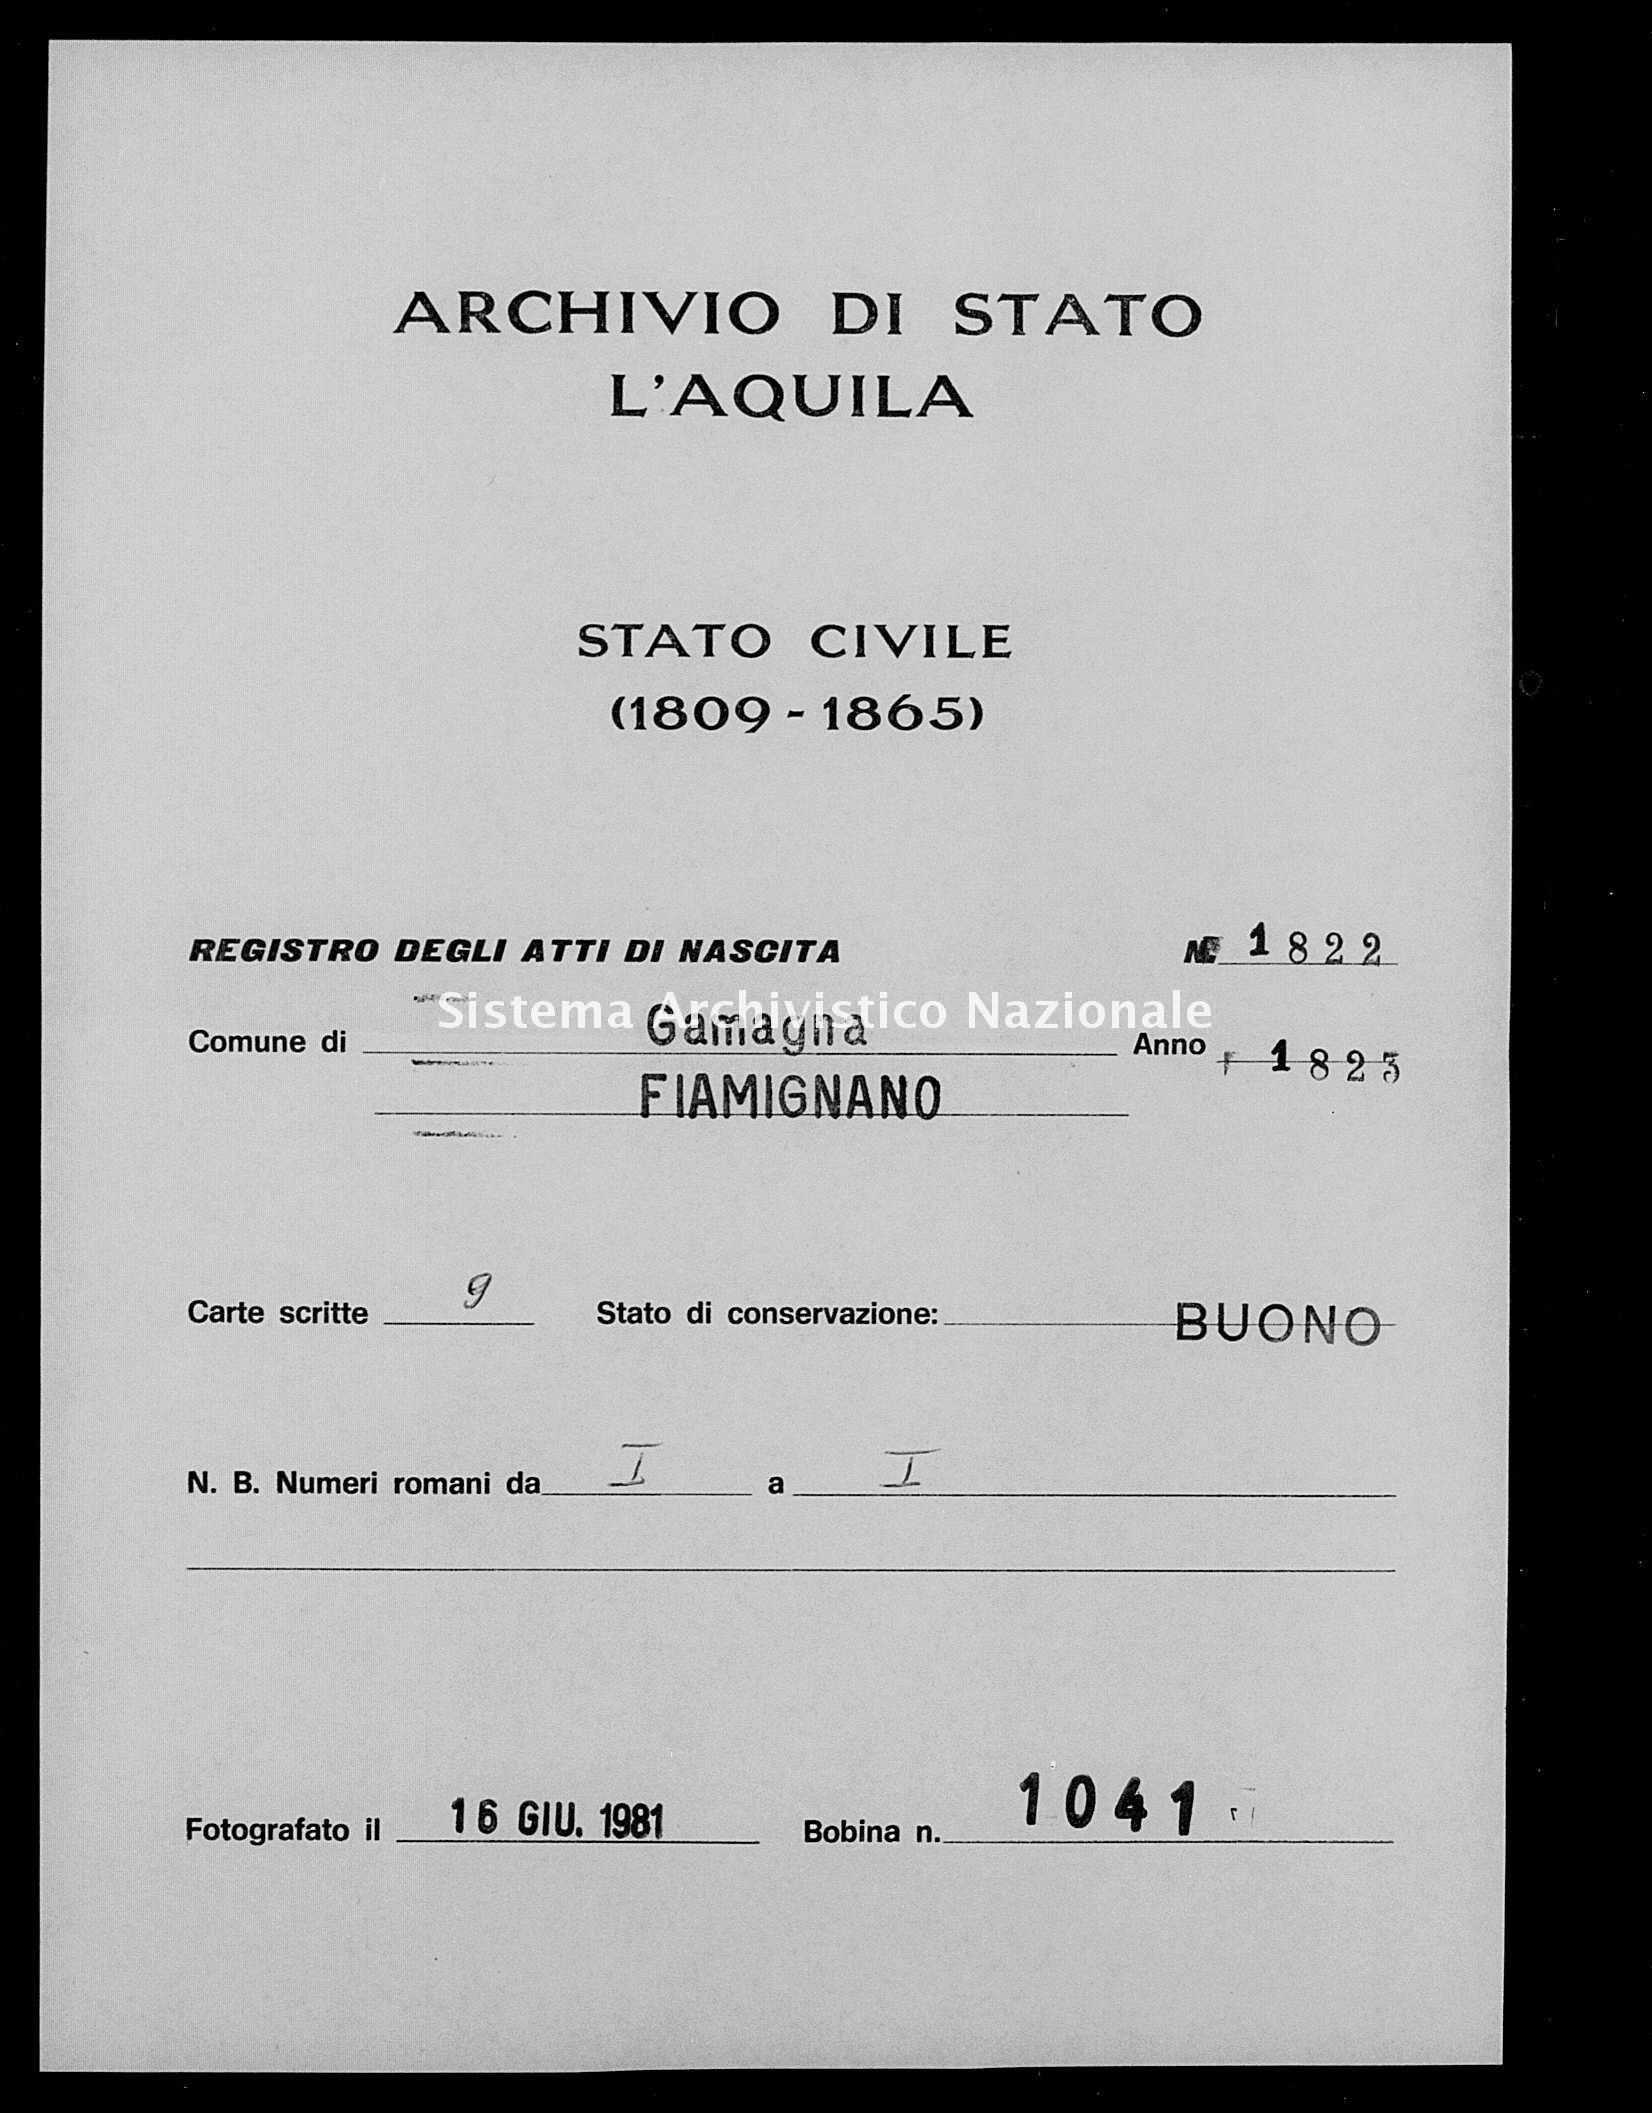 Archivio di stato di L'aquila - Stato civile della restaurazione - Gamagna - Nati - 1823 - 1822 -